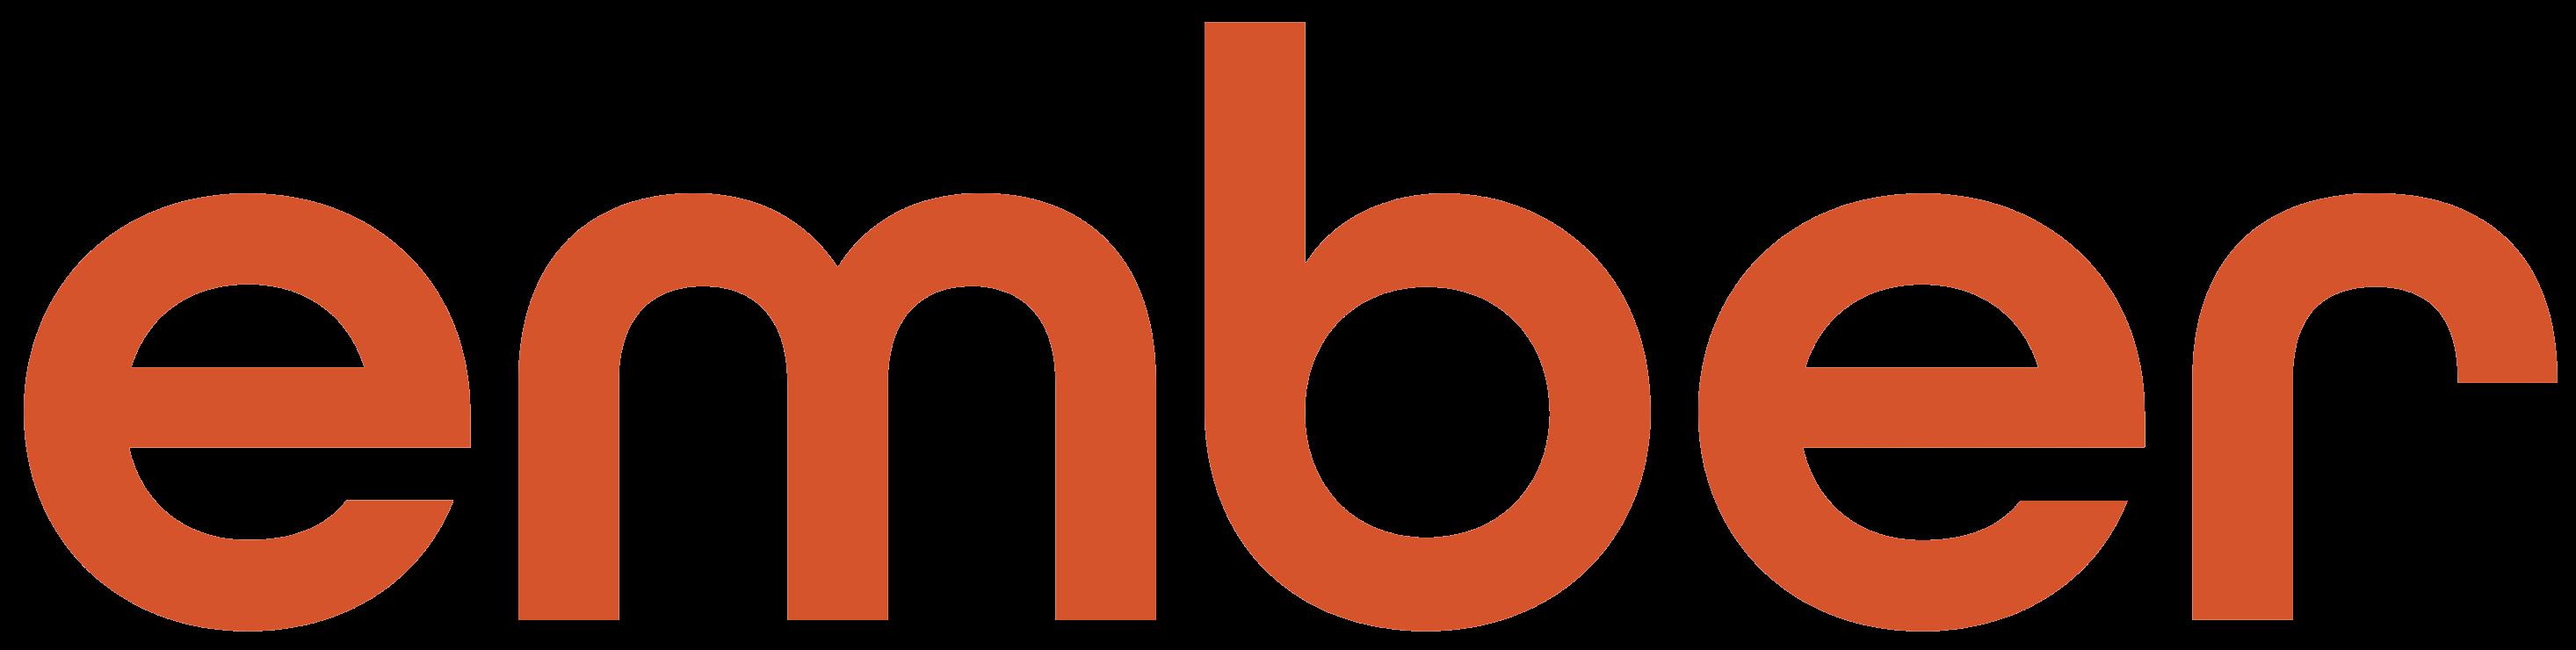 Ember mug logo